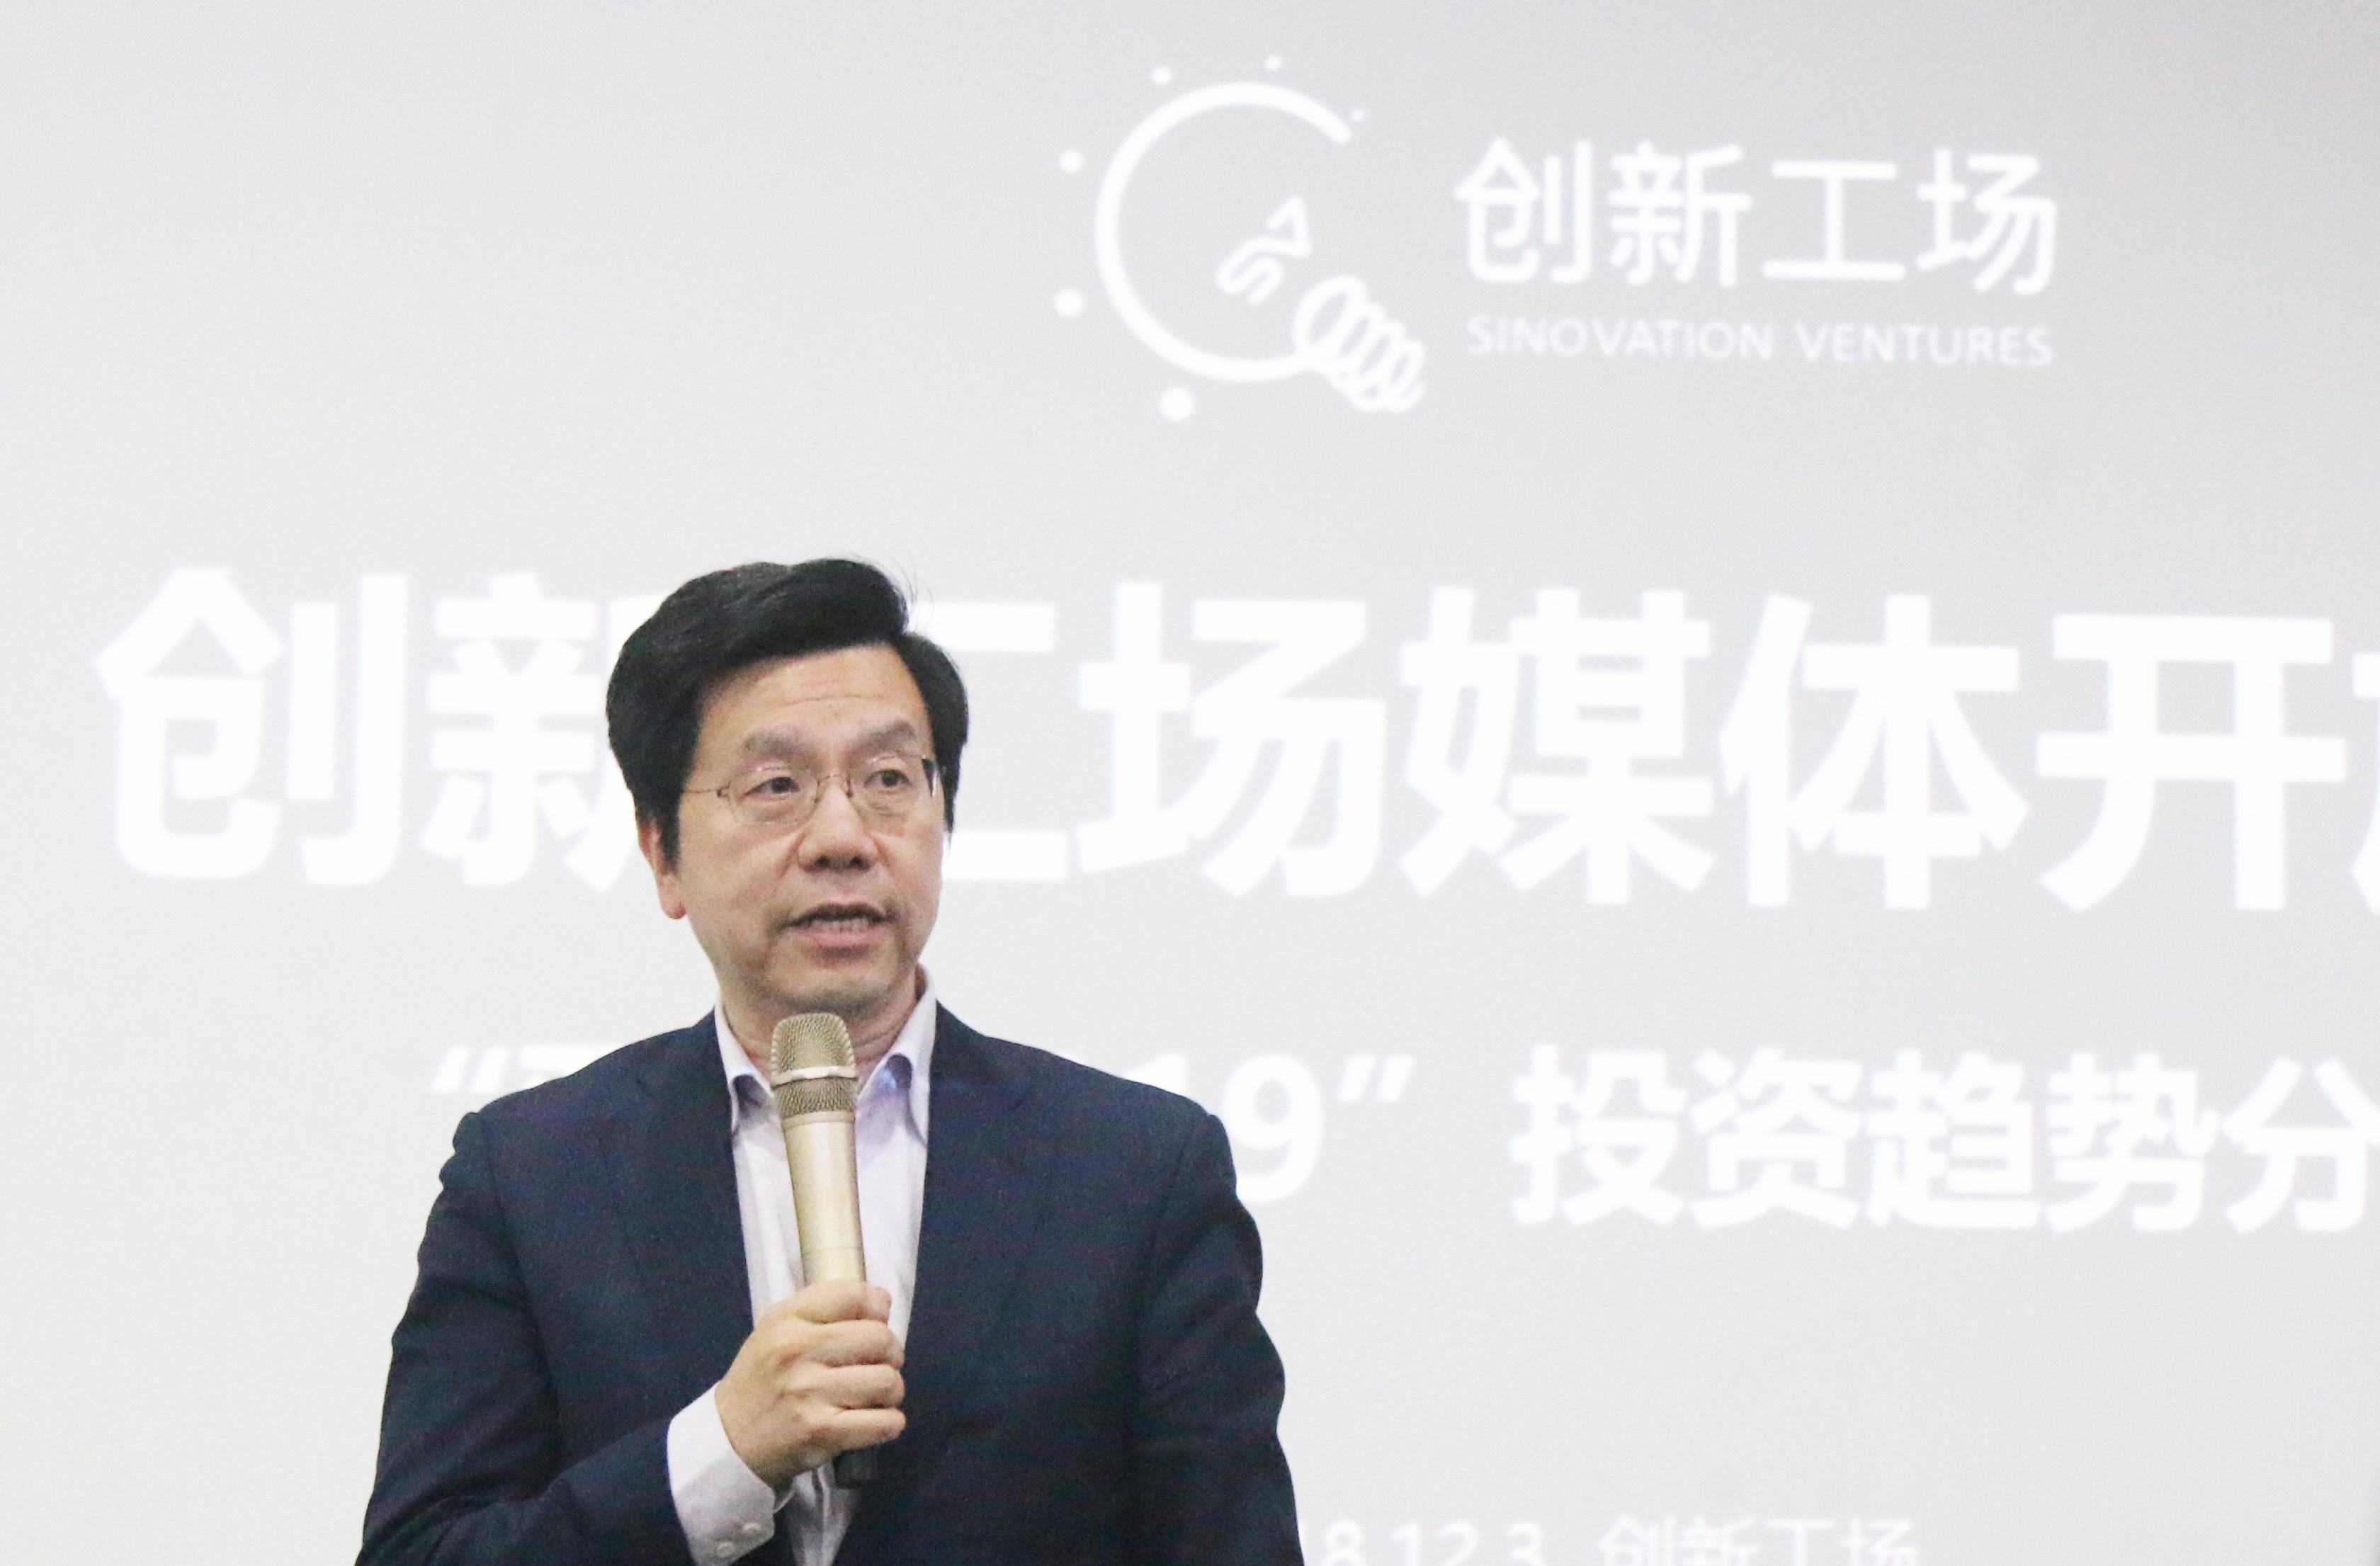 """【企服观察】创新工场:中国是""""魔方式多元经济体"""",颠覆式投资机会仍在迸发"""